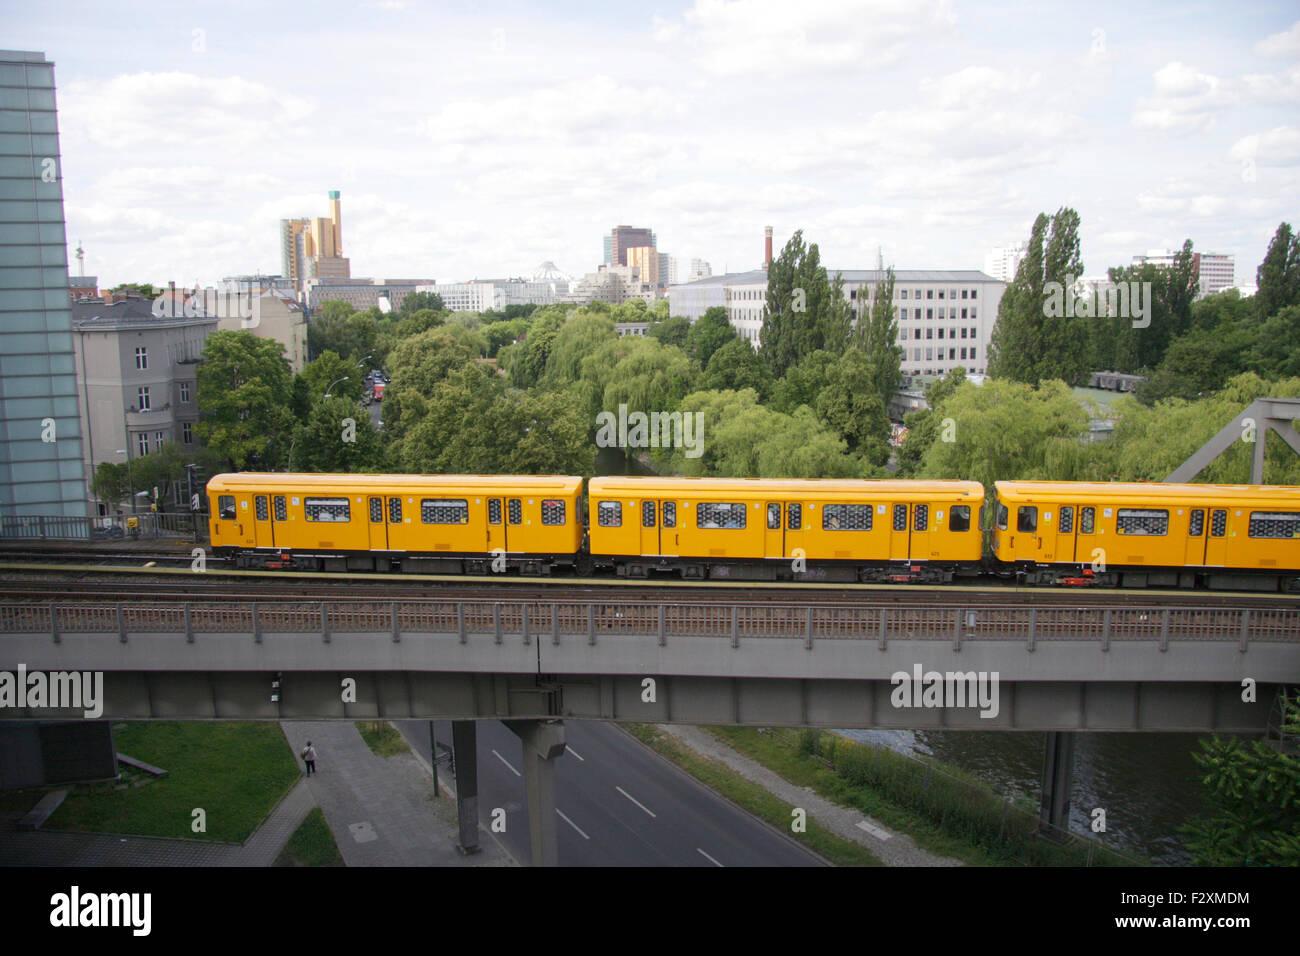 U-Bahn - Deutsches Technikmuseum, Berlin-Kreuzberg. - Stock Image